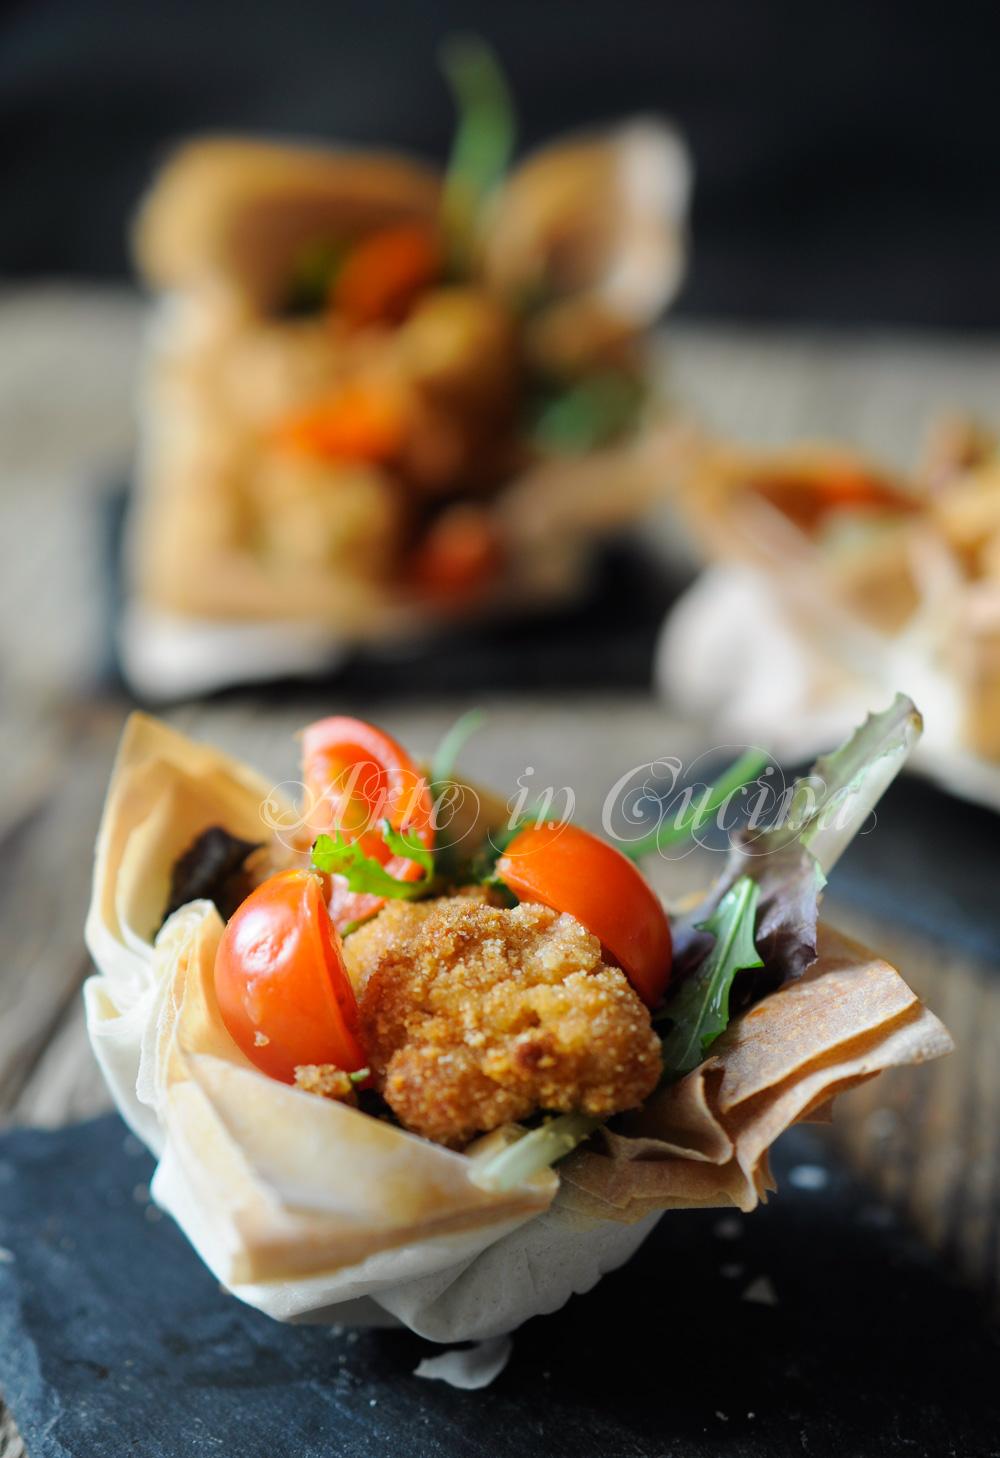 Cestini veloci con insalata e pollo sfizioso vickyart arte in cucina